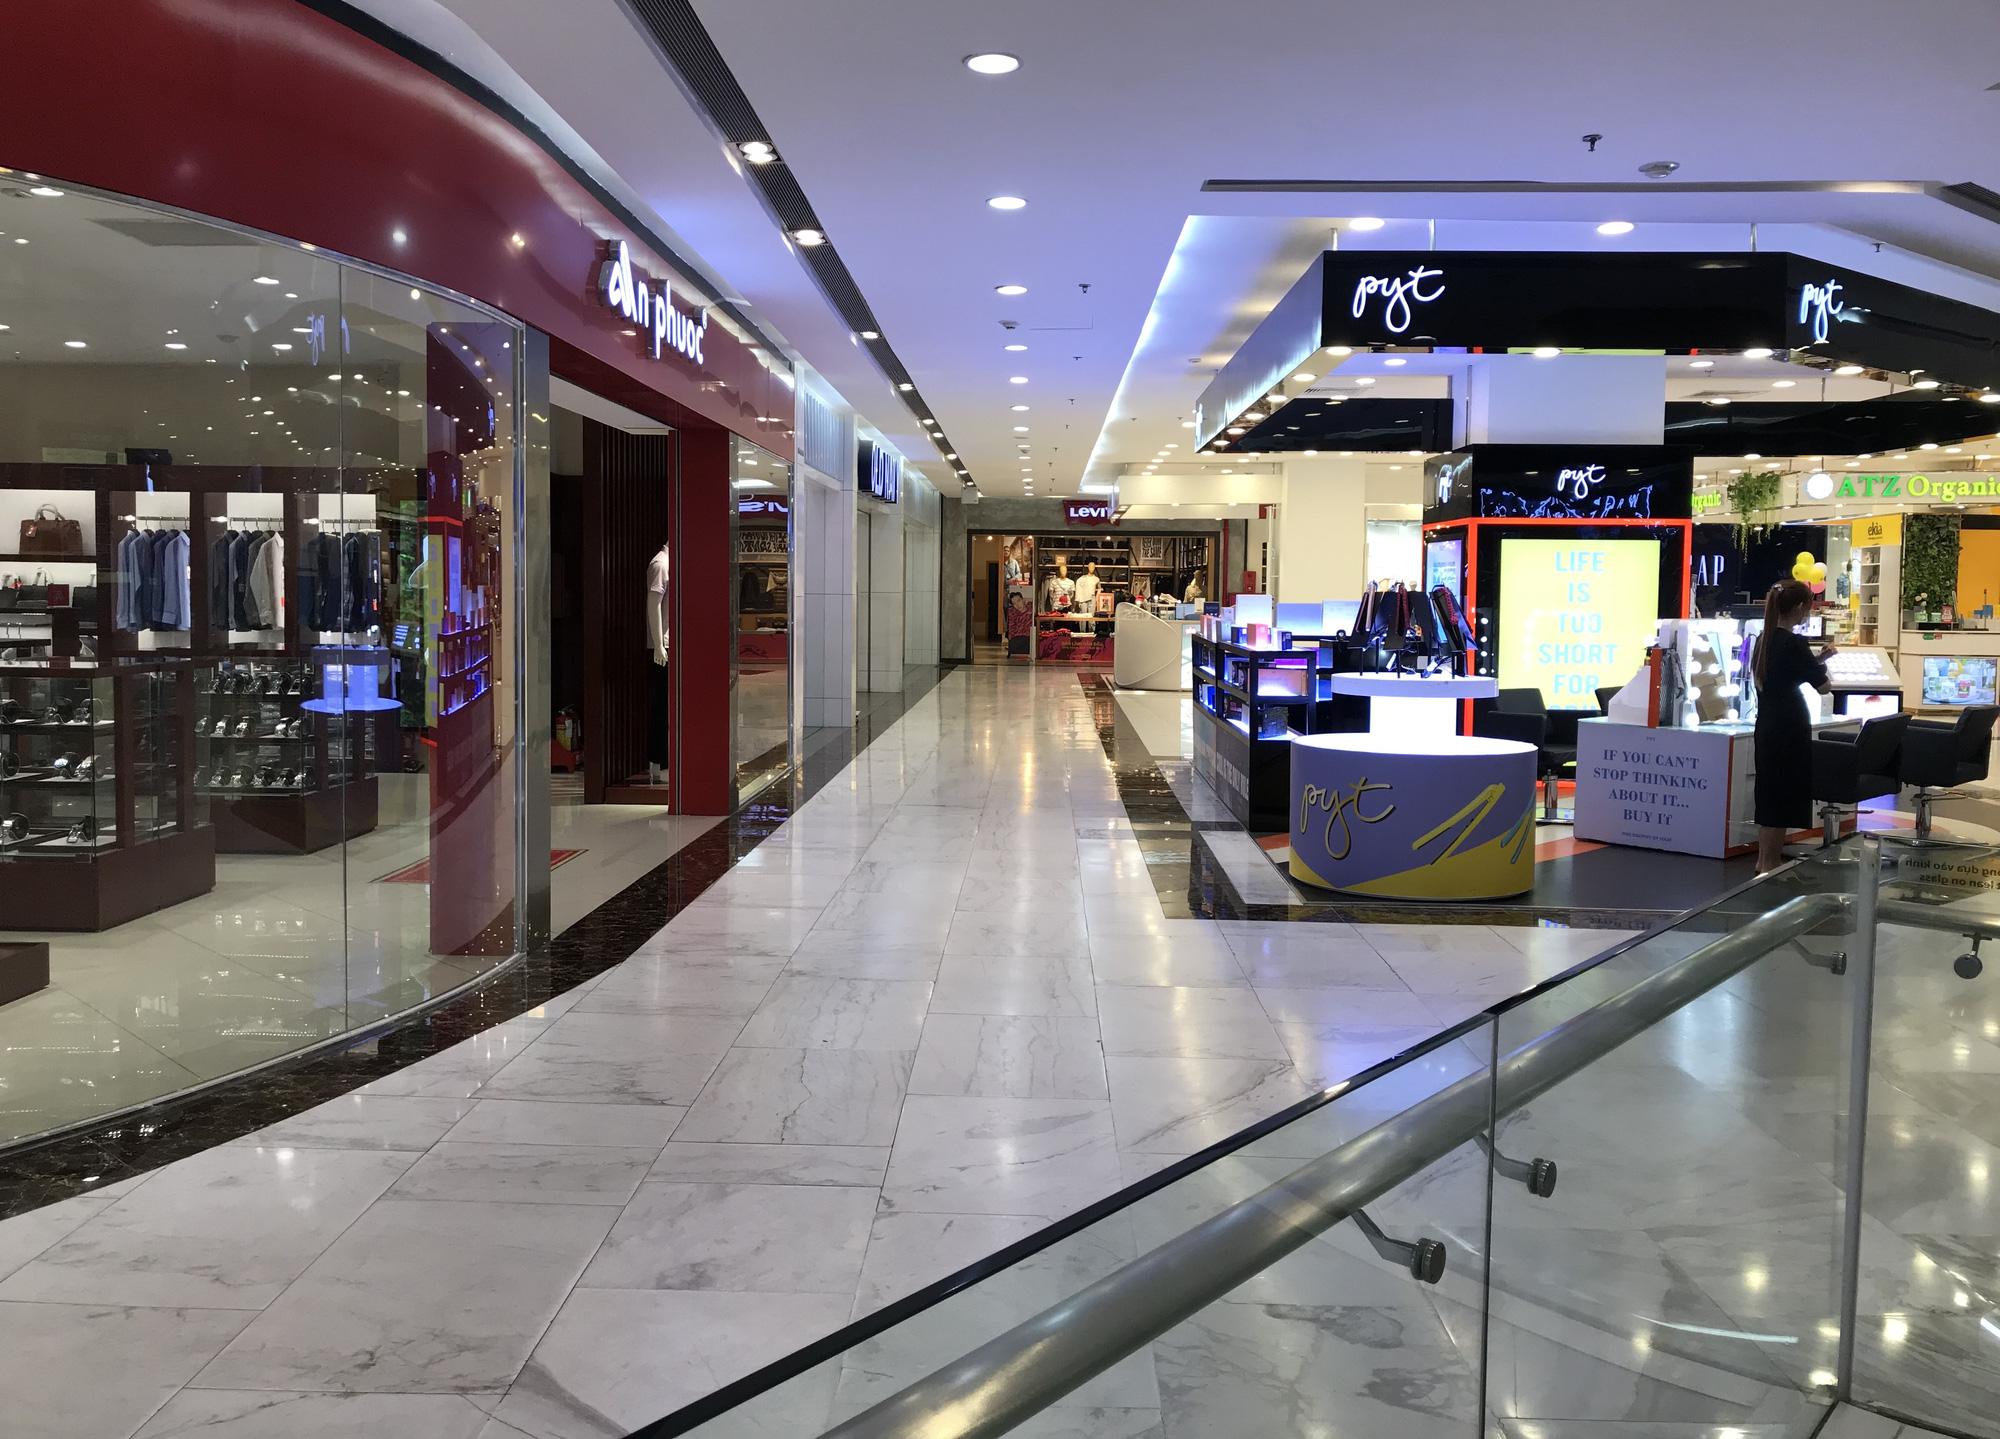 Trung tâm thương mại Sài Gòn vắng tanh, lác đác người giữa dịch corona - Ảnh 1.